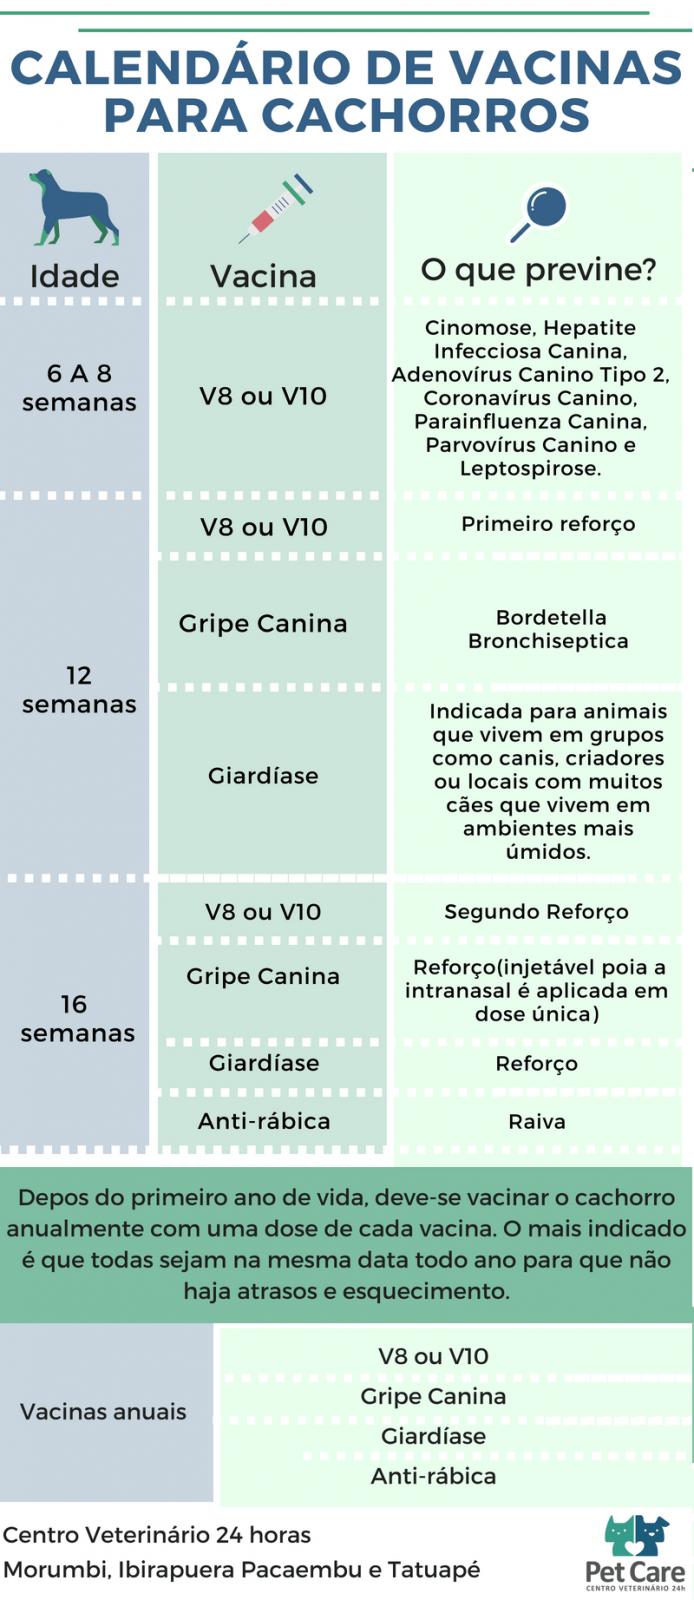 Calendário de vacinas para cachorros (1)